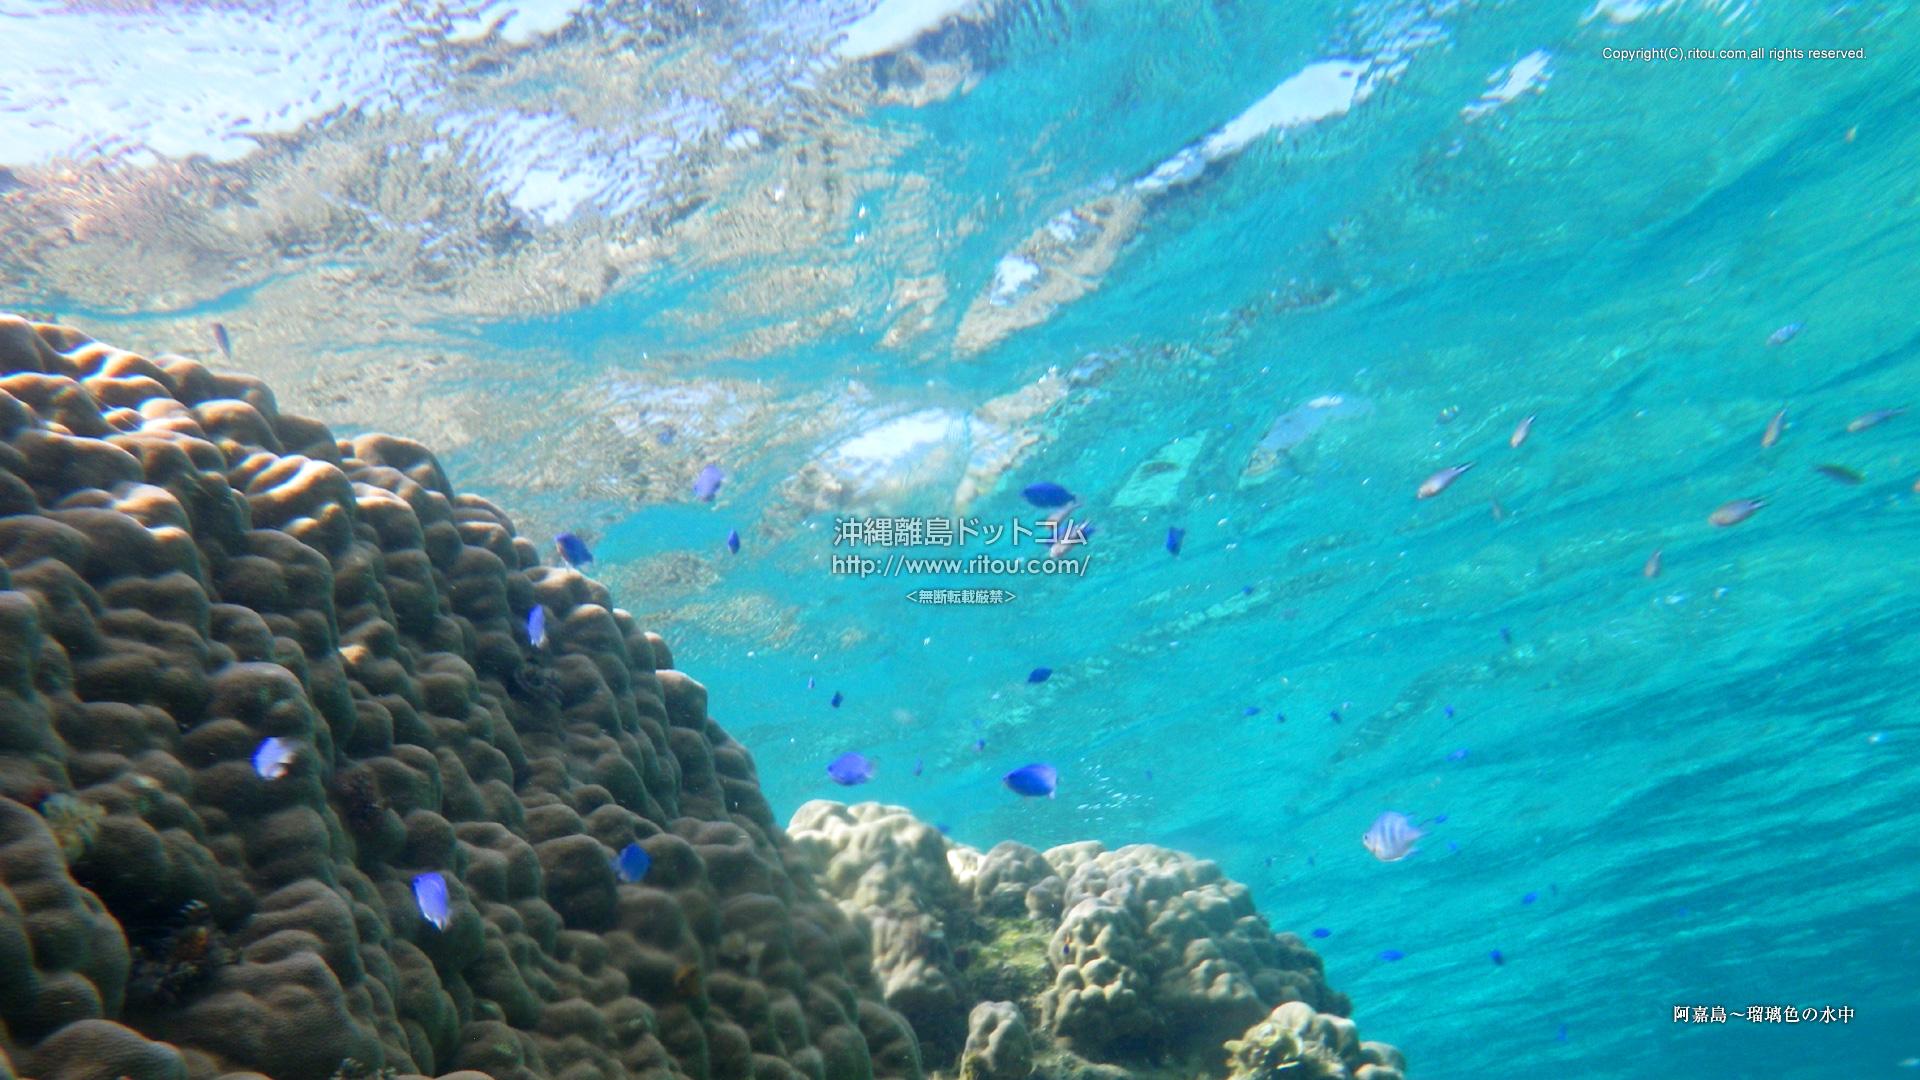 阿嘉島〜瑠璃色の水中